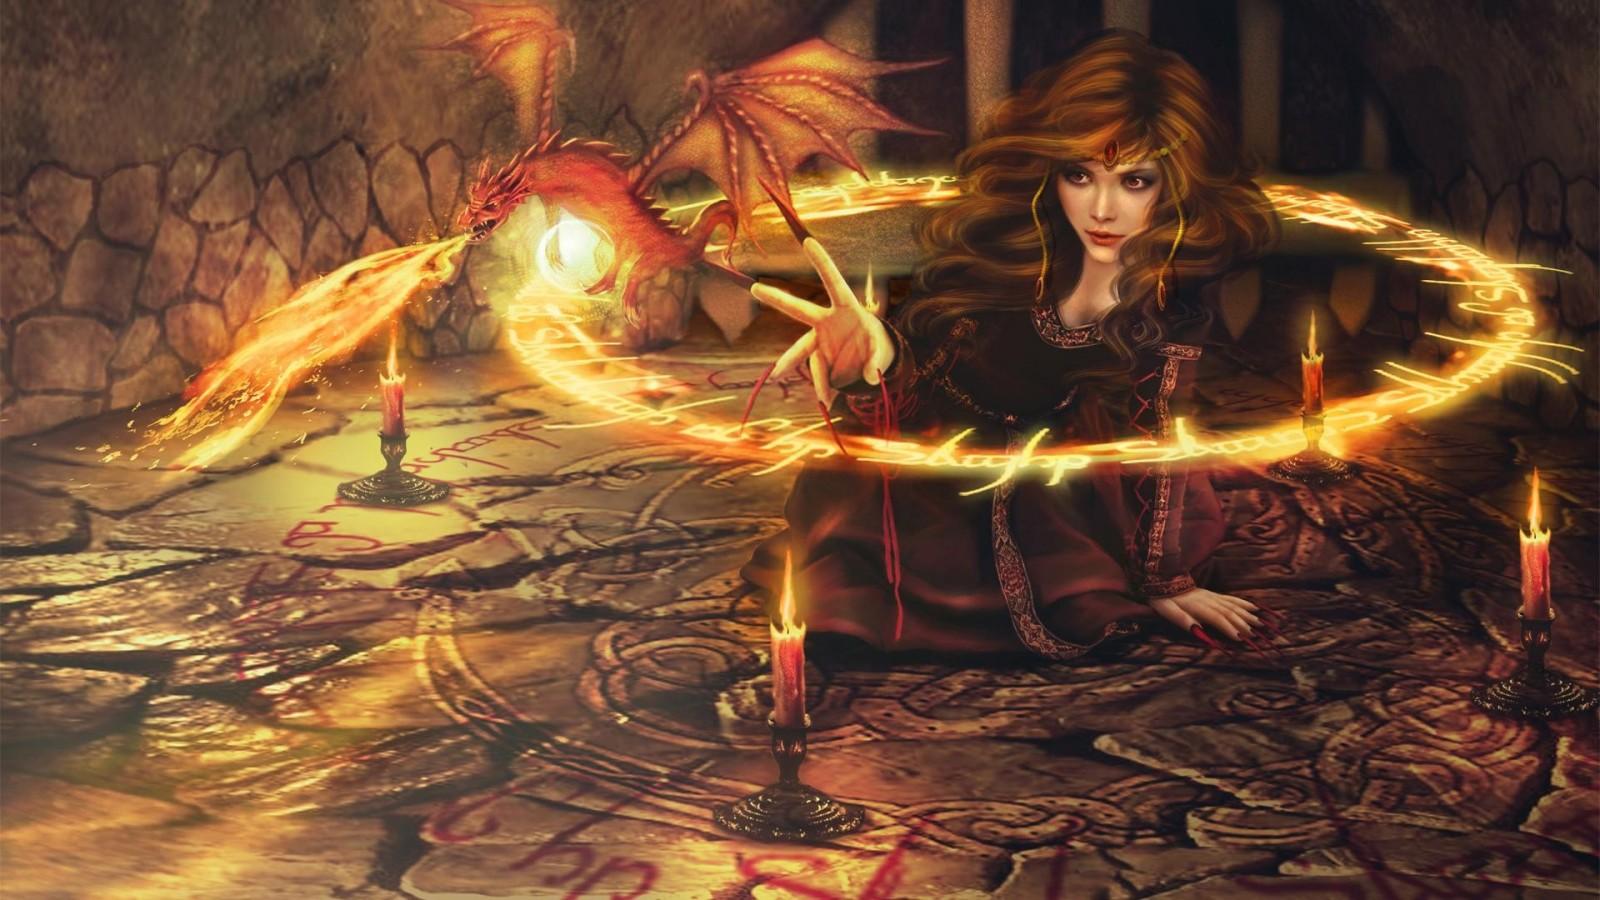 Как стать ведьмой в реальной жизни: обряды, заклинания, ритуалы и заговоры для посвящения в колдуны, можно ли по-настоящему стать доброй или злой колдуньей